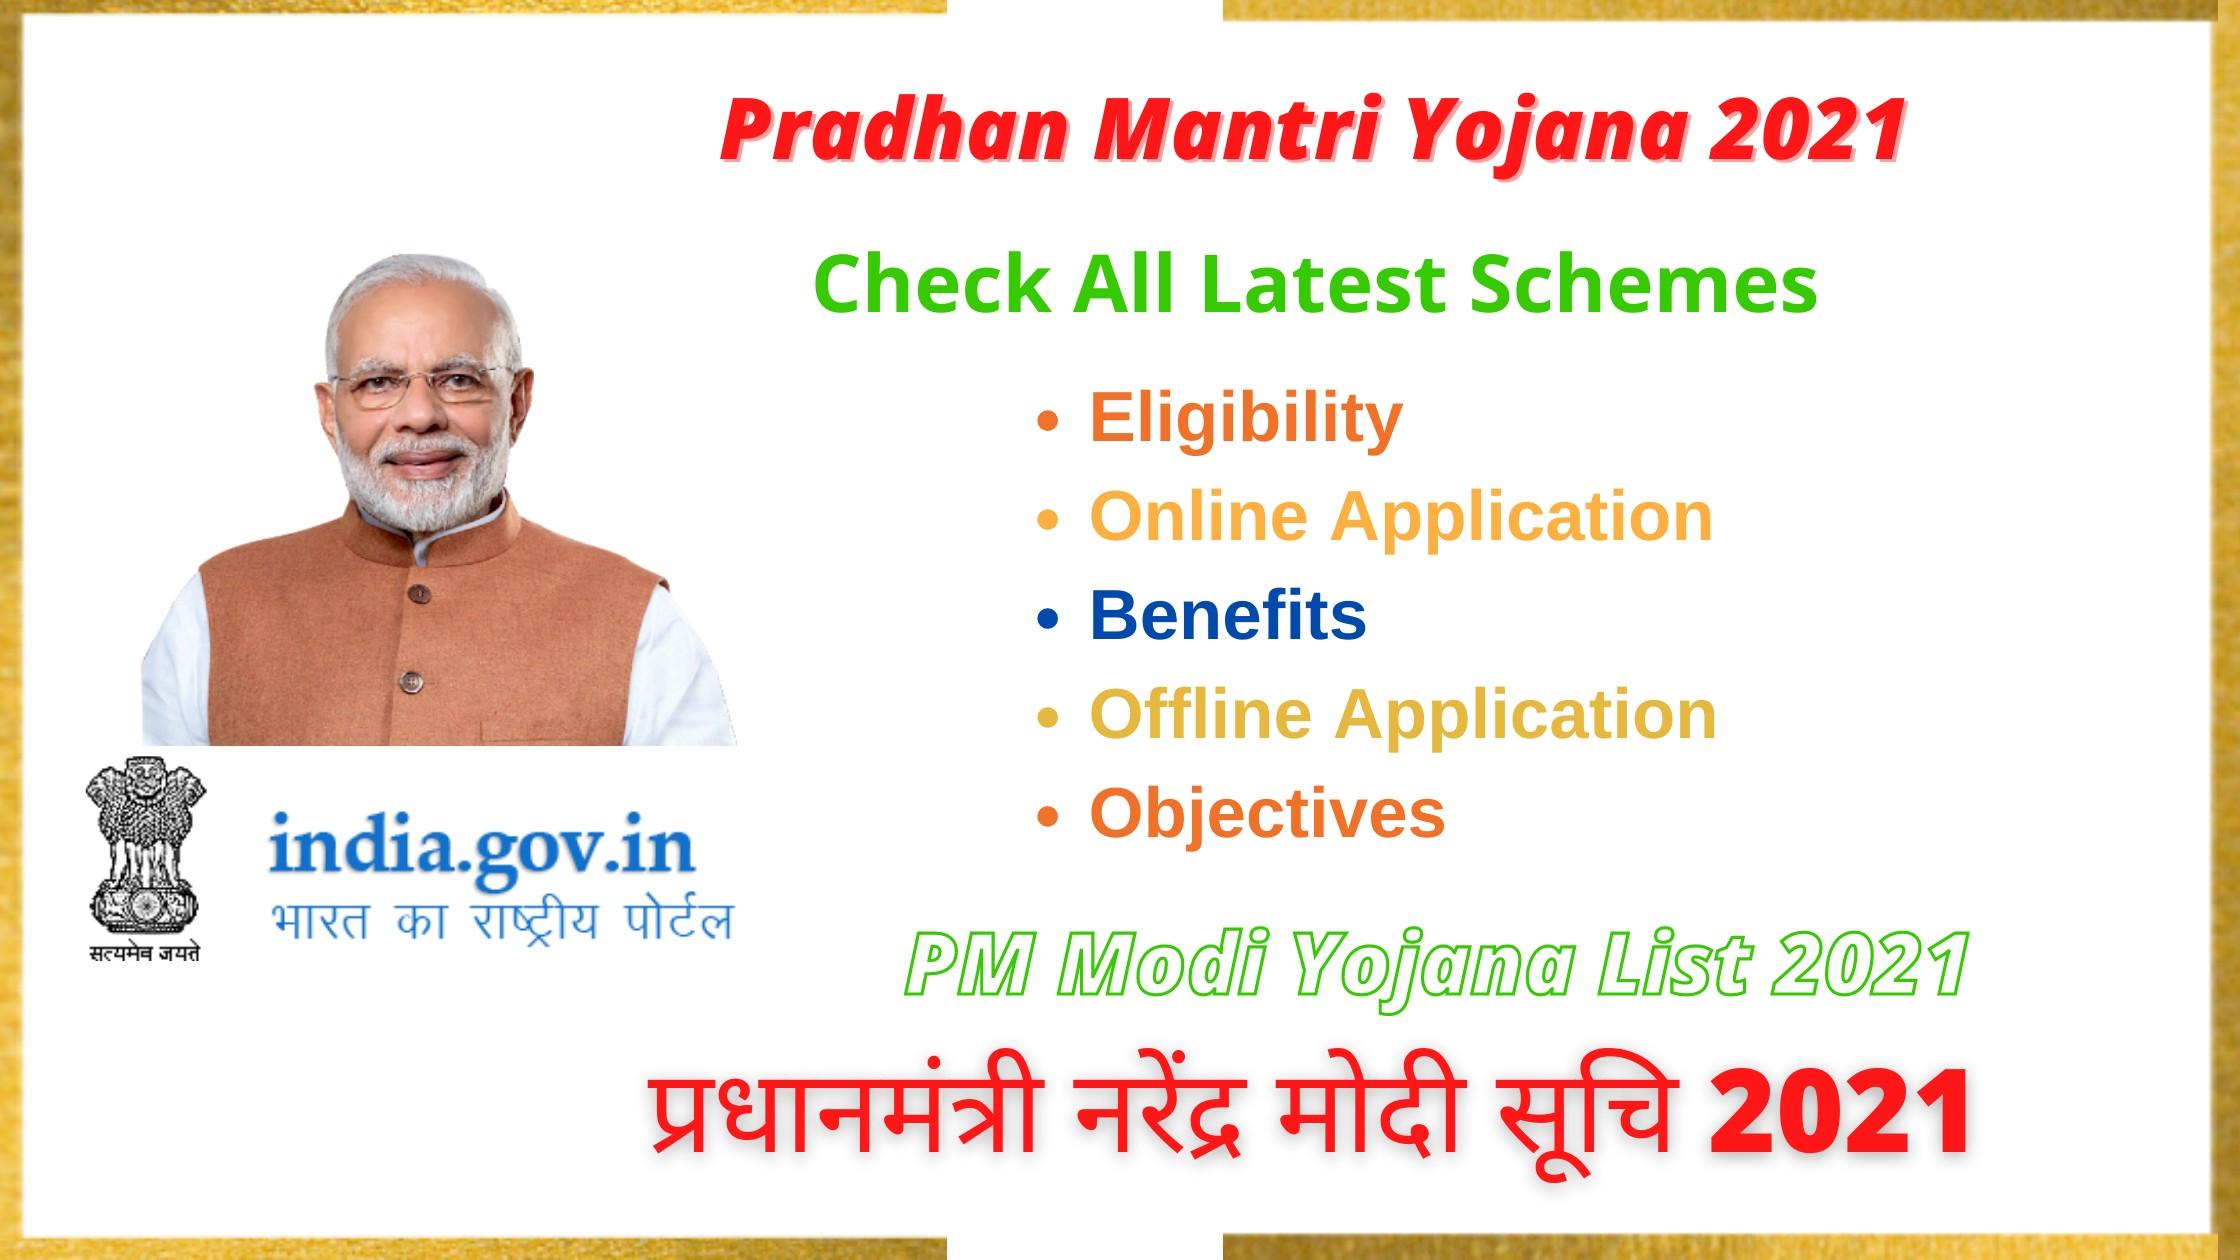 PM Modi Yojana List 2021